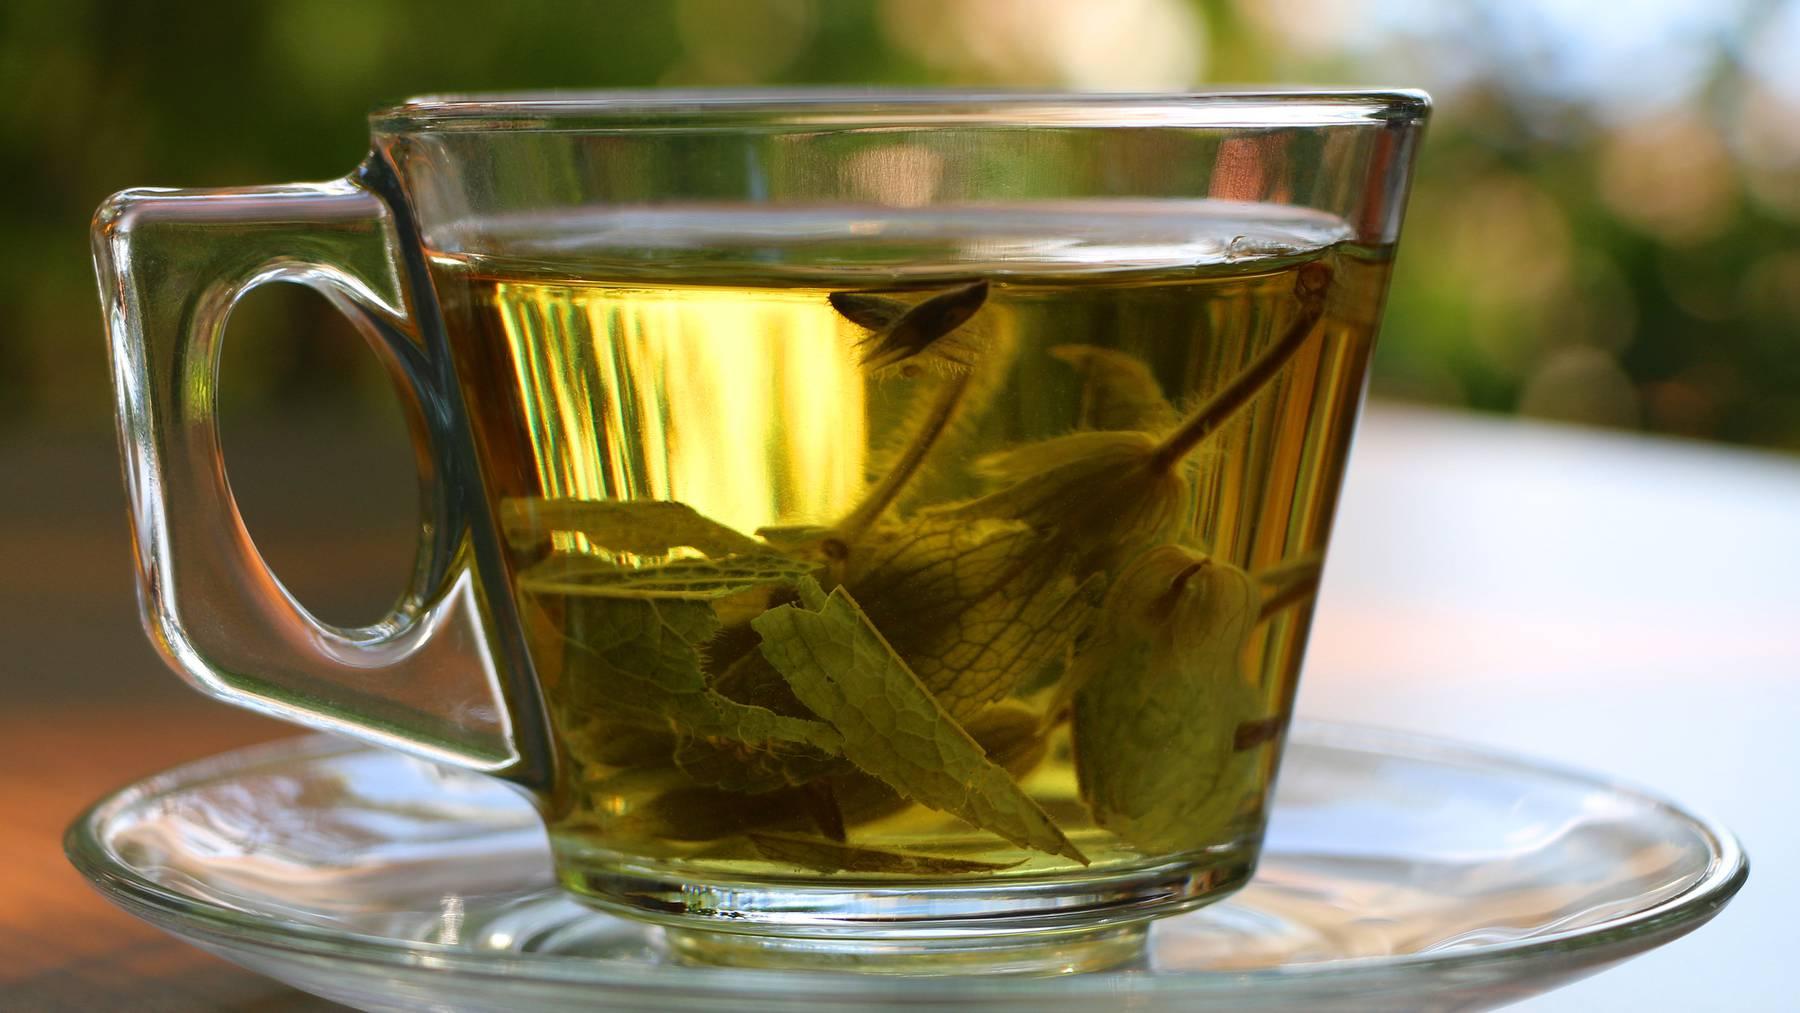 Der Grippe-Tee von Pfarrer Künzle heilte bereits 1918 erkrankte Personen. (Symbolbild)